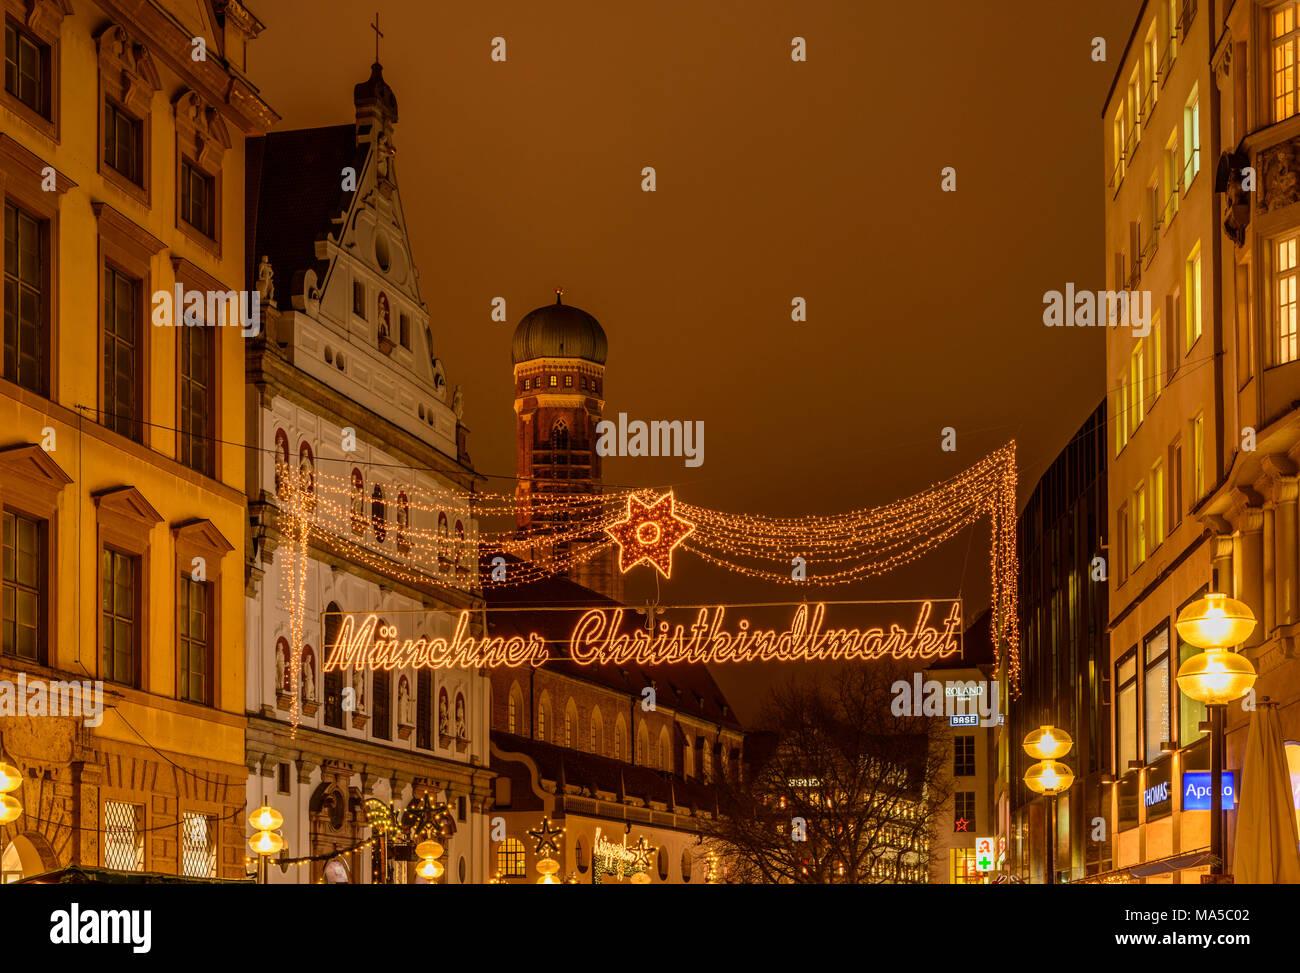 Deutschland, Bayern, Oberbayern, München, Neuhauser Straße, Weihnachtsmarkt, Michaelskirche (Kirche) und der Frauenkirche (Kirche) Stockbild